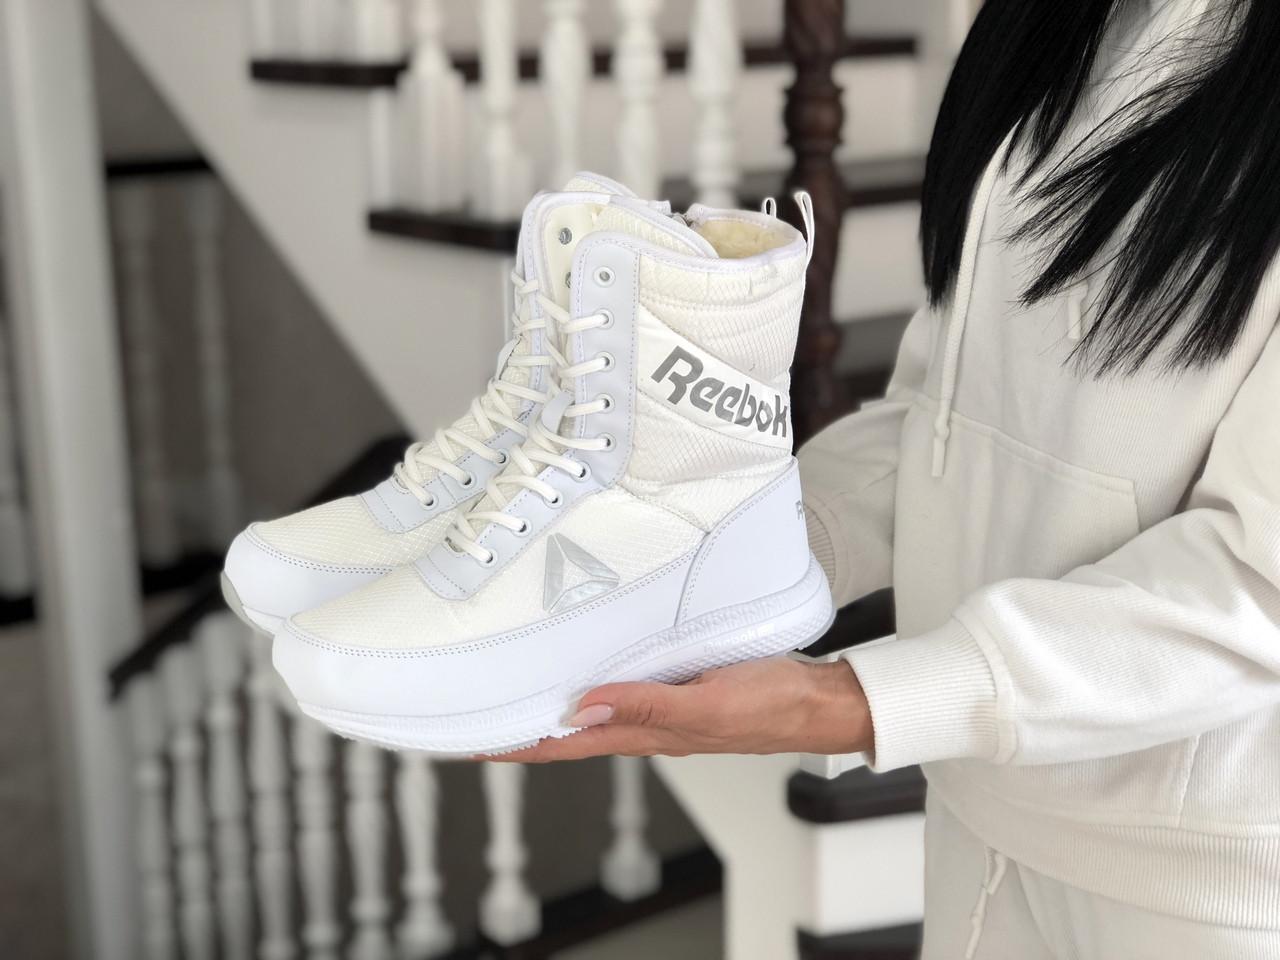 Высокие женские зимние ботинки Reebok, белый